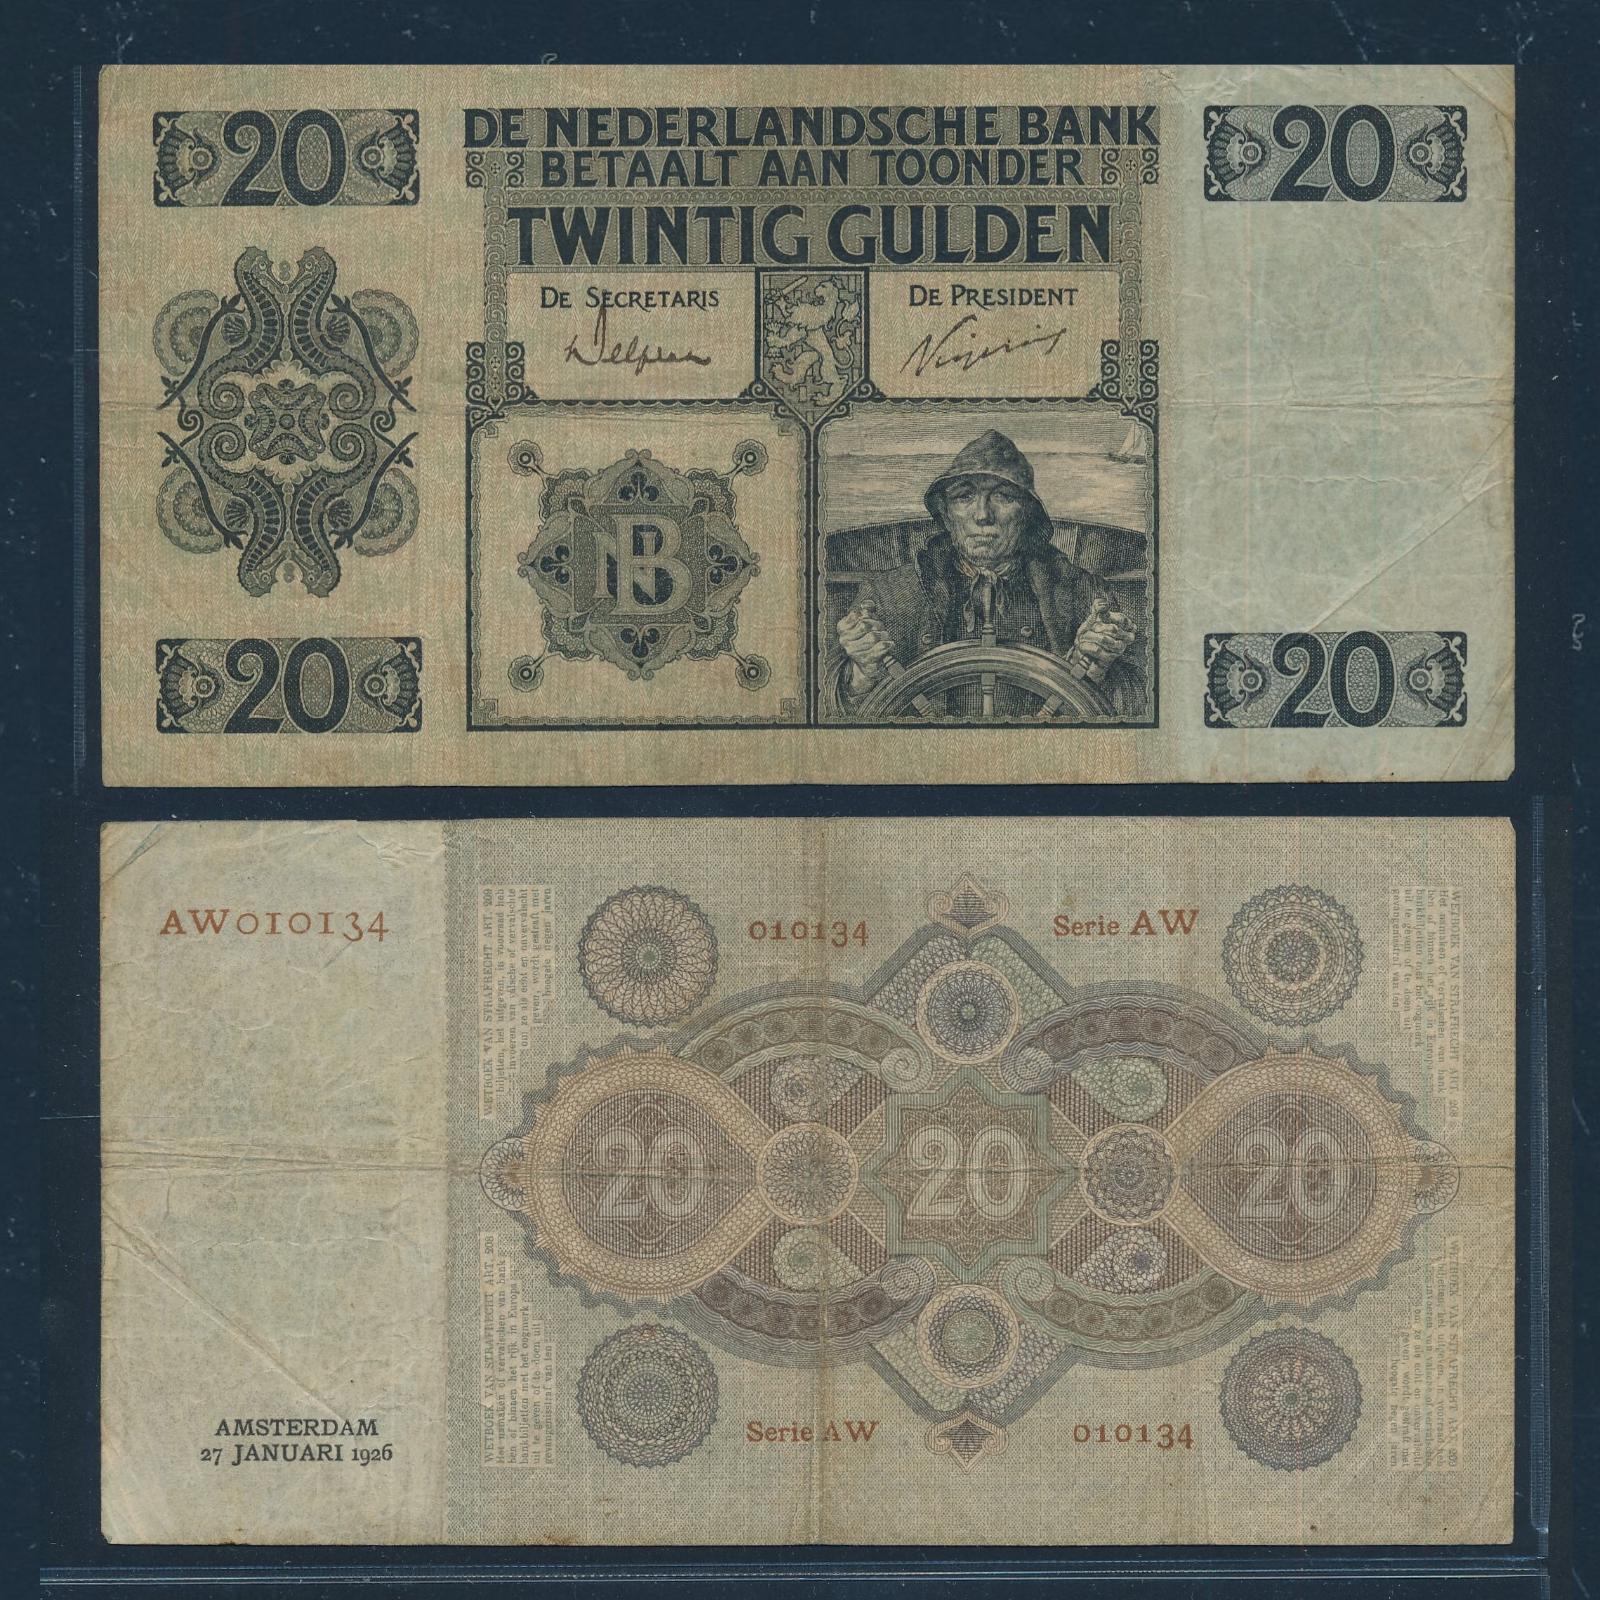 Nederland 1926 20 Gulden Stuurman Bankbiljet Zeer Fraai-